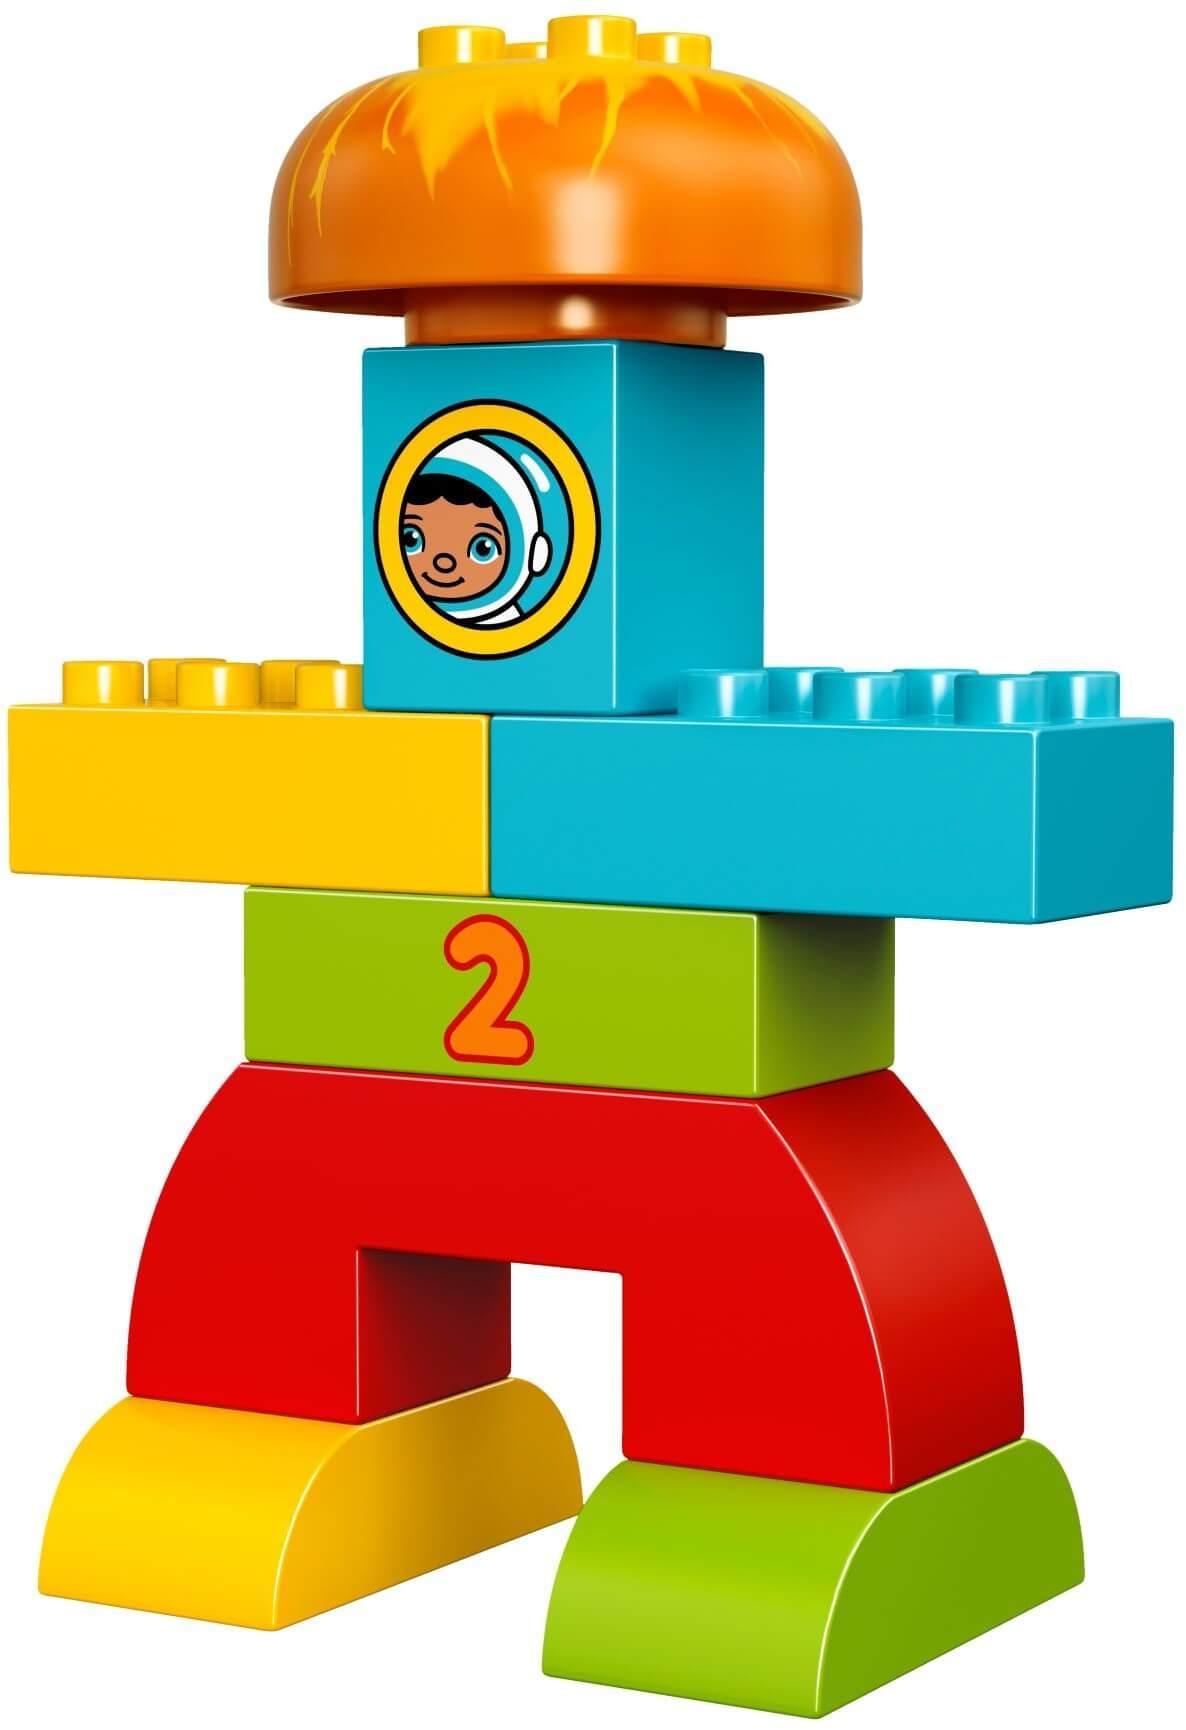 Mua đồ chơi LEGO 10815 - LEGO DUPLO 10815 - Bộ Xếp Hình Tên Lửa của Bé (LEGO DUPLO My First Rocket 10815)